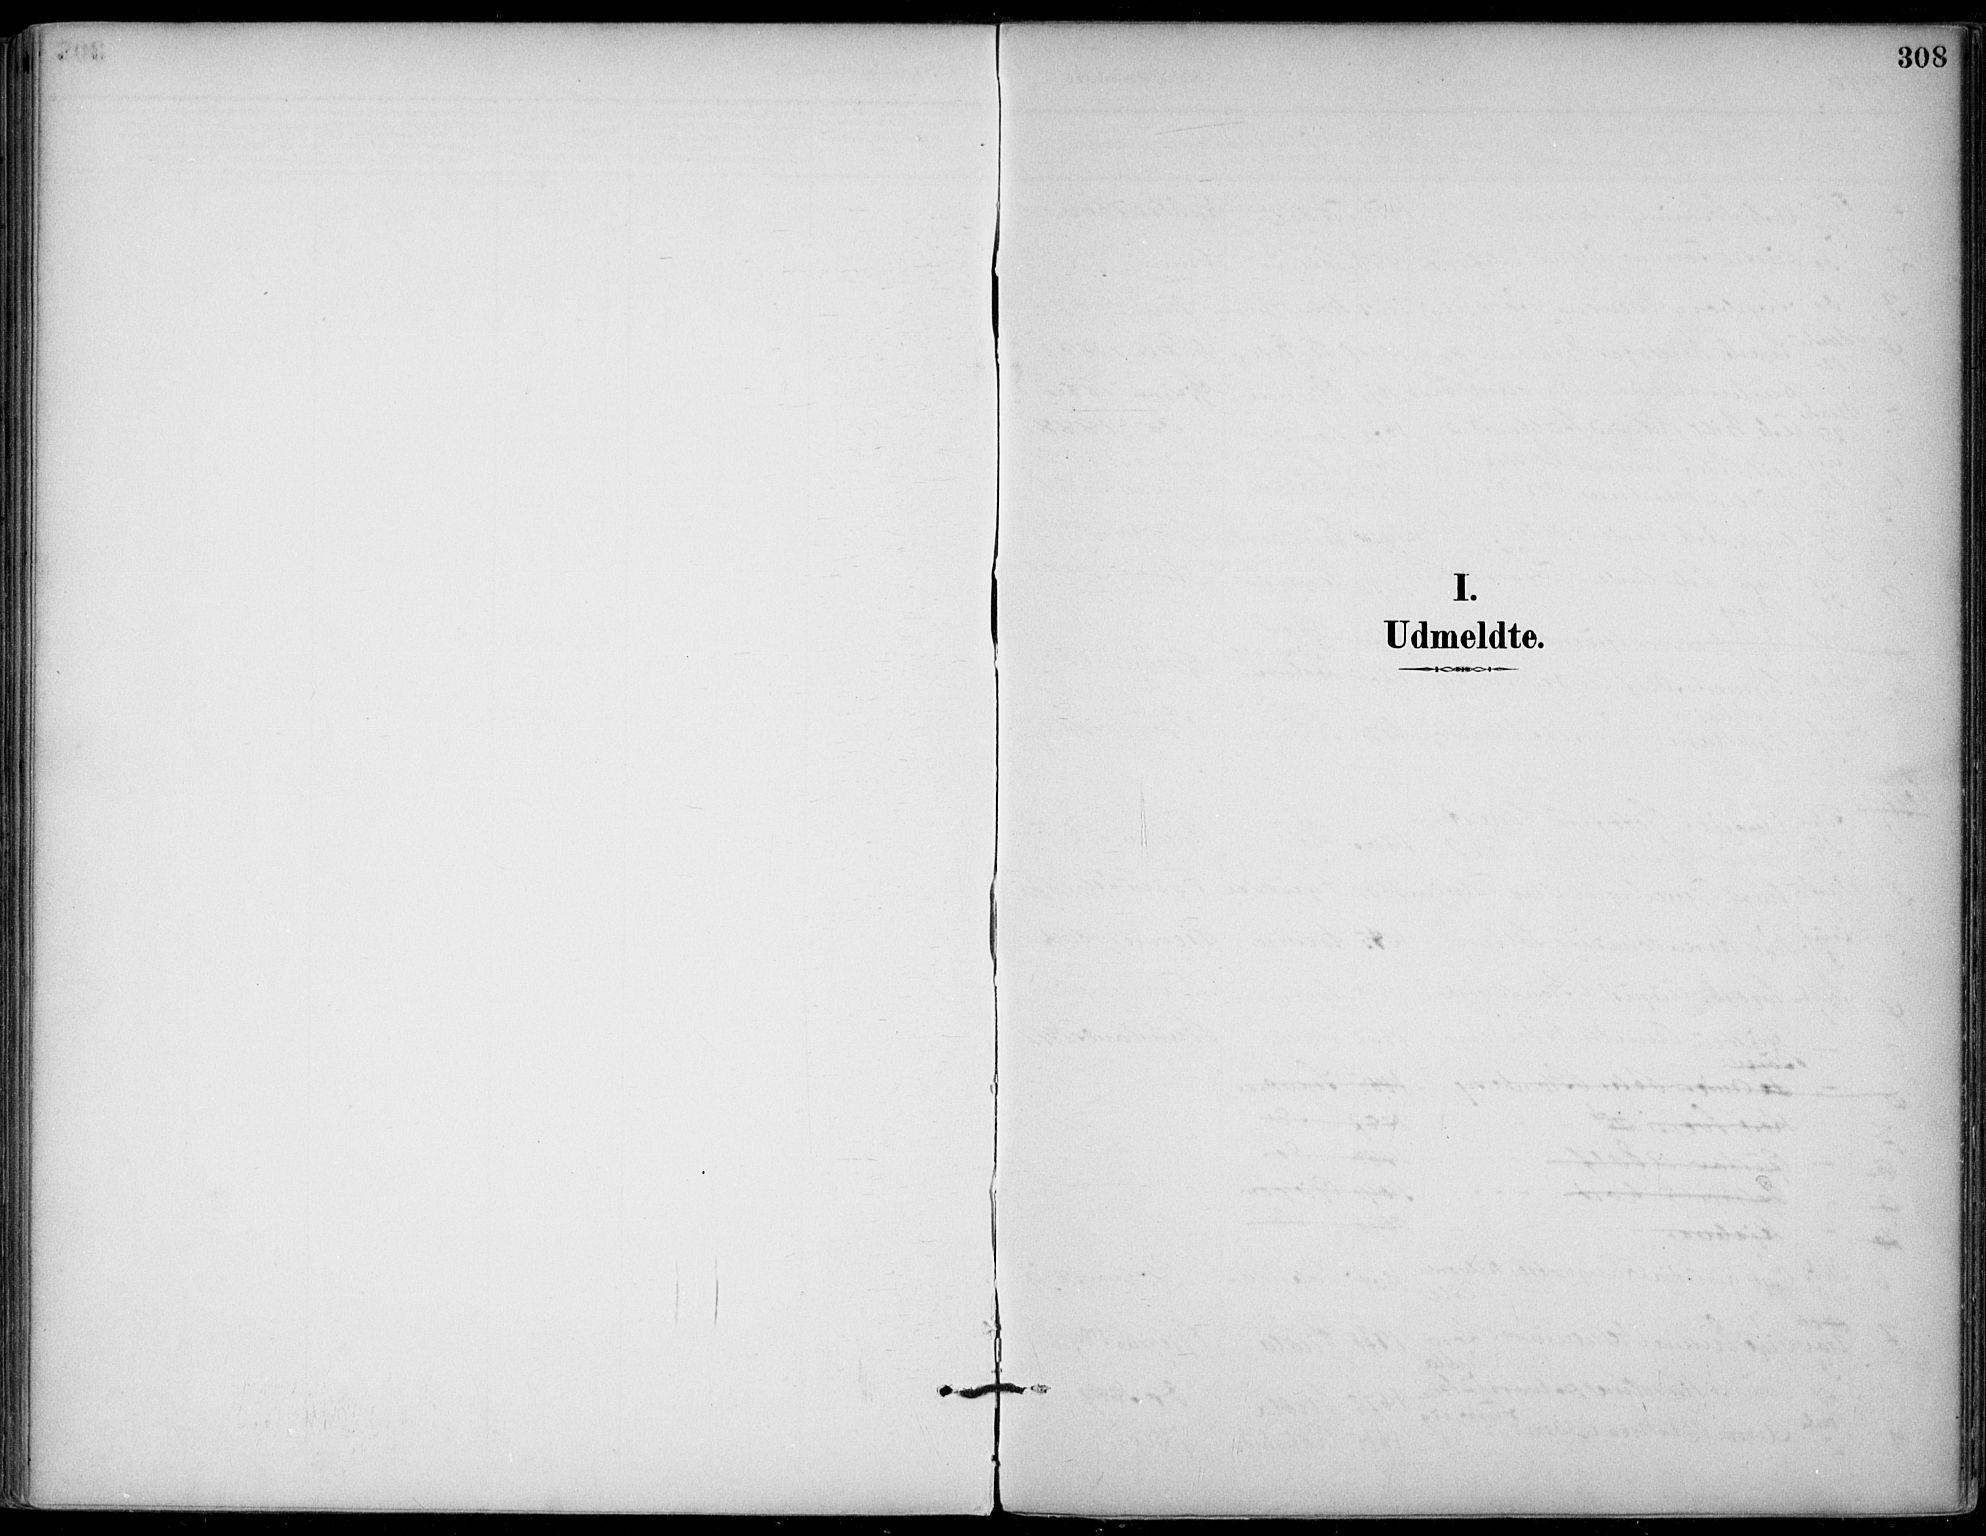 SAKO, Gjerpen kirkebøker, F/Fa/L0011: Ministerialbok nr. 11, 1896-1904, s. 308